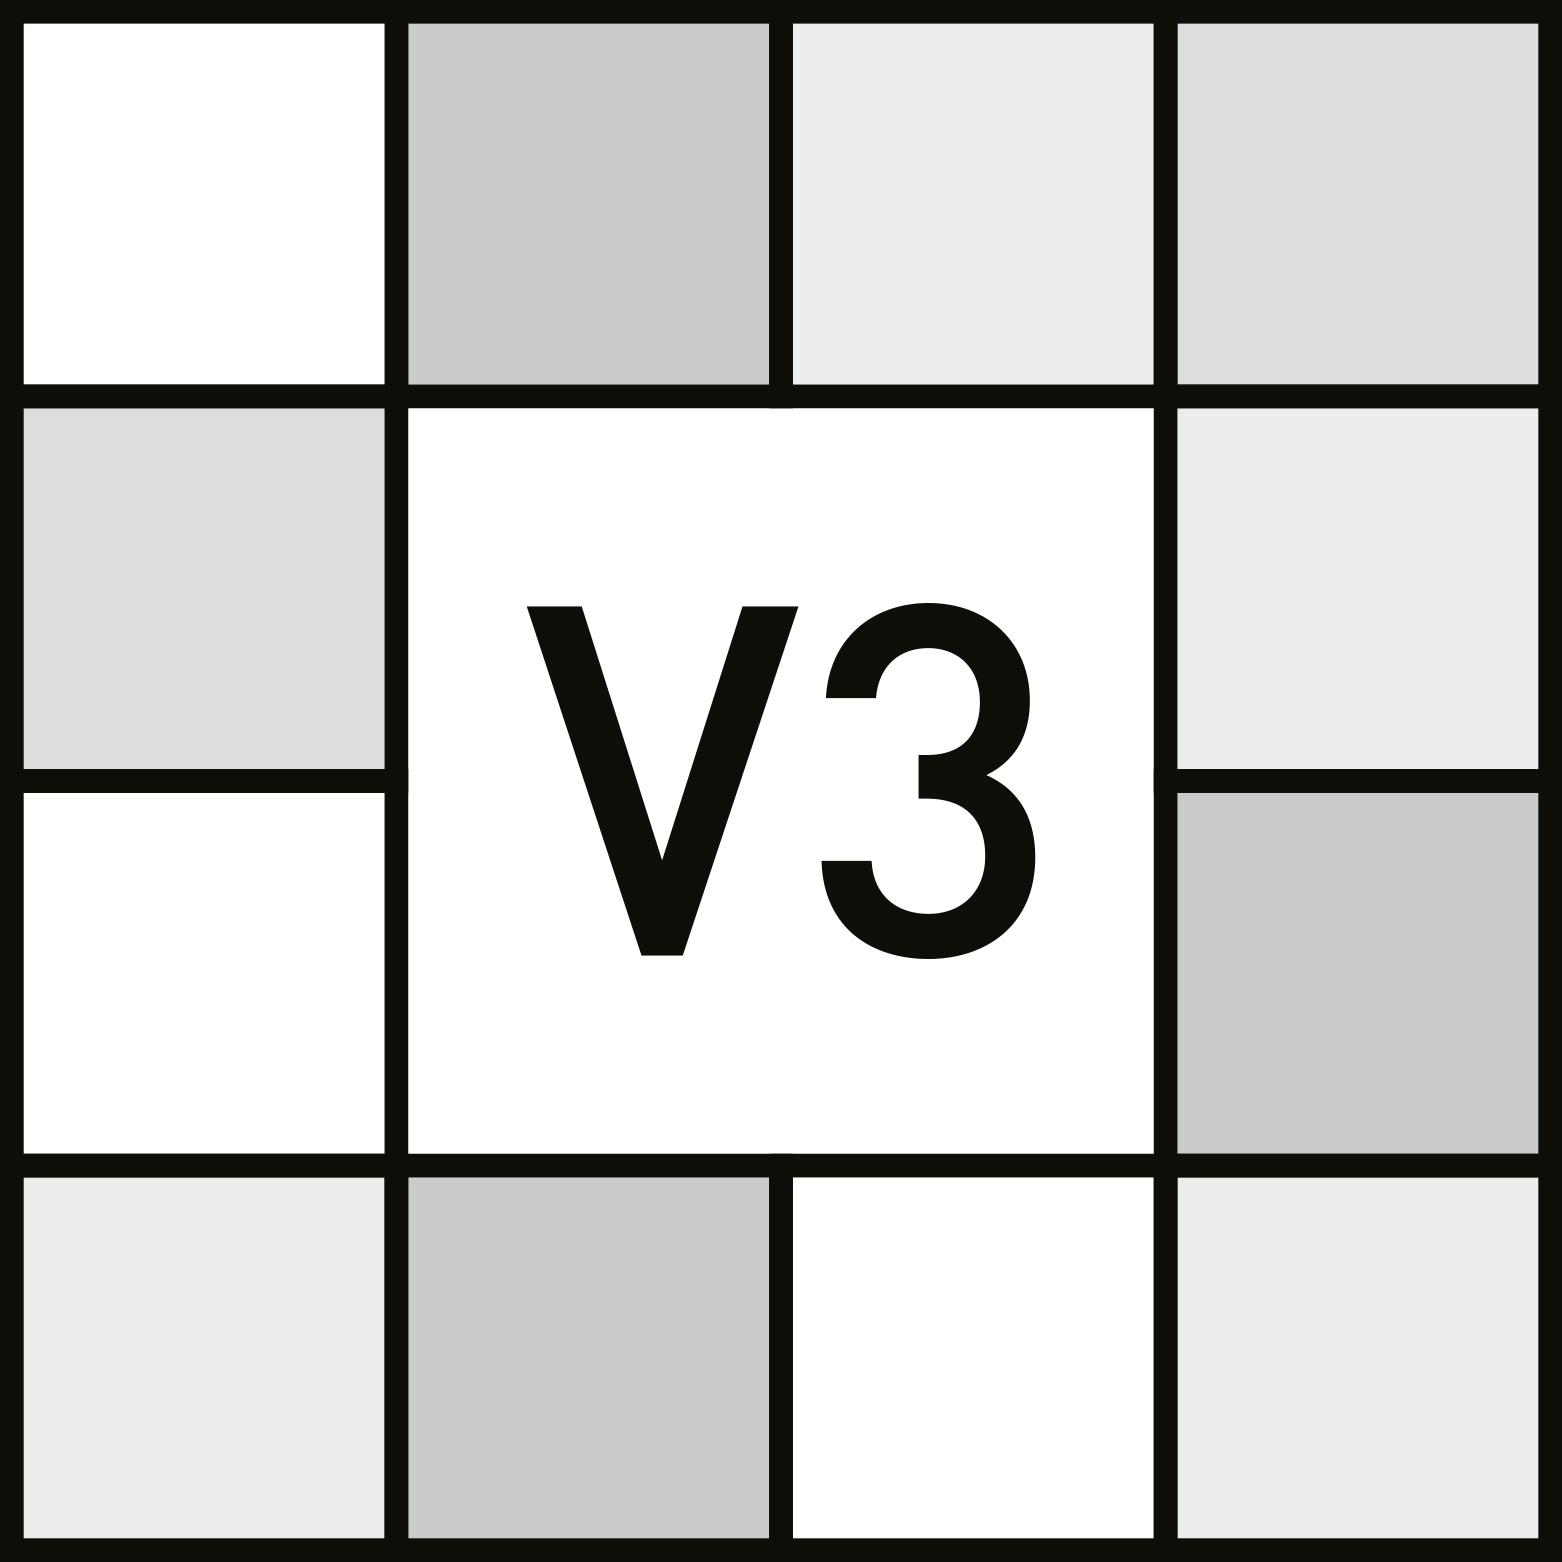 V3 - MÉDIO - Variação moderada. - ANSI A137.1 - Destonalização